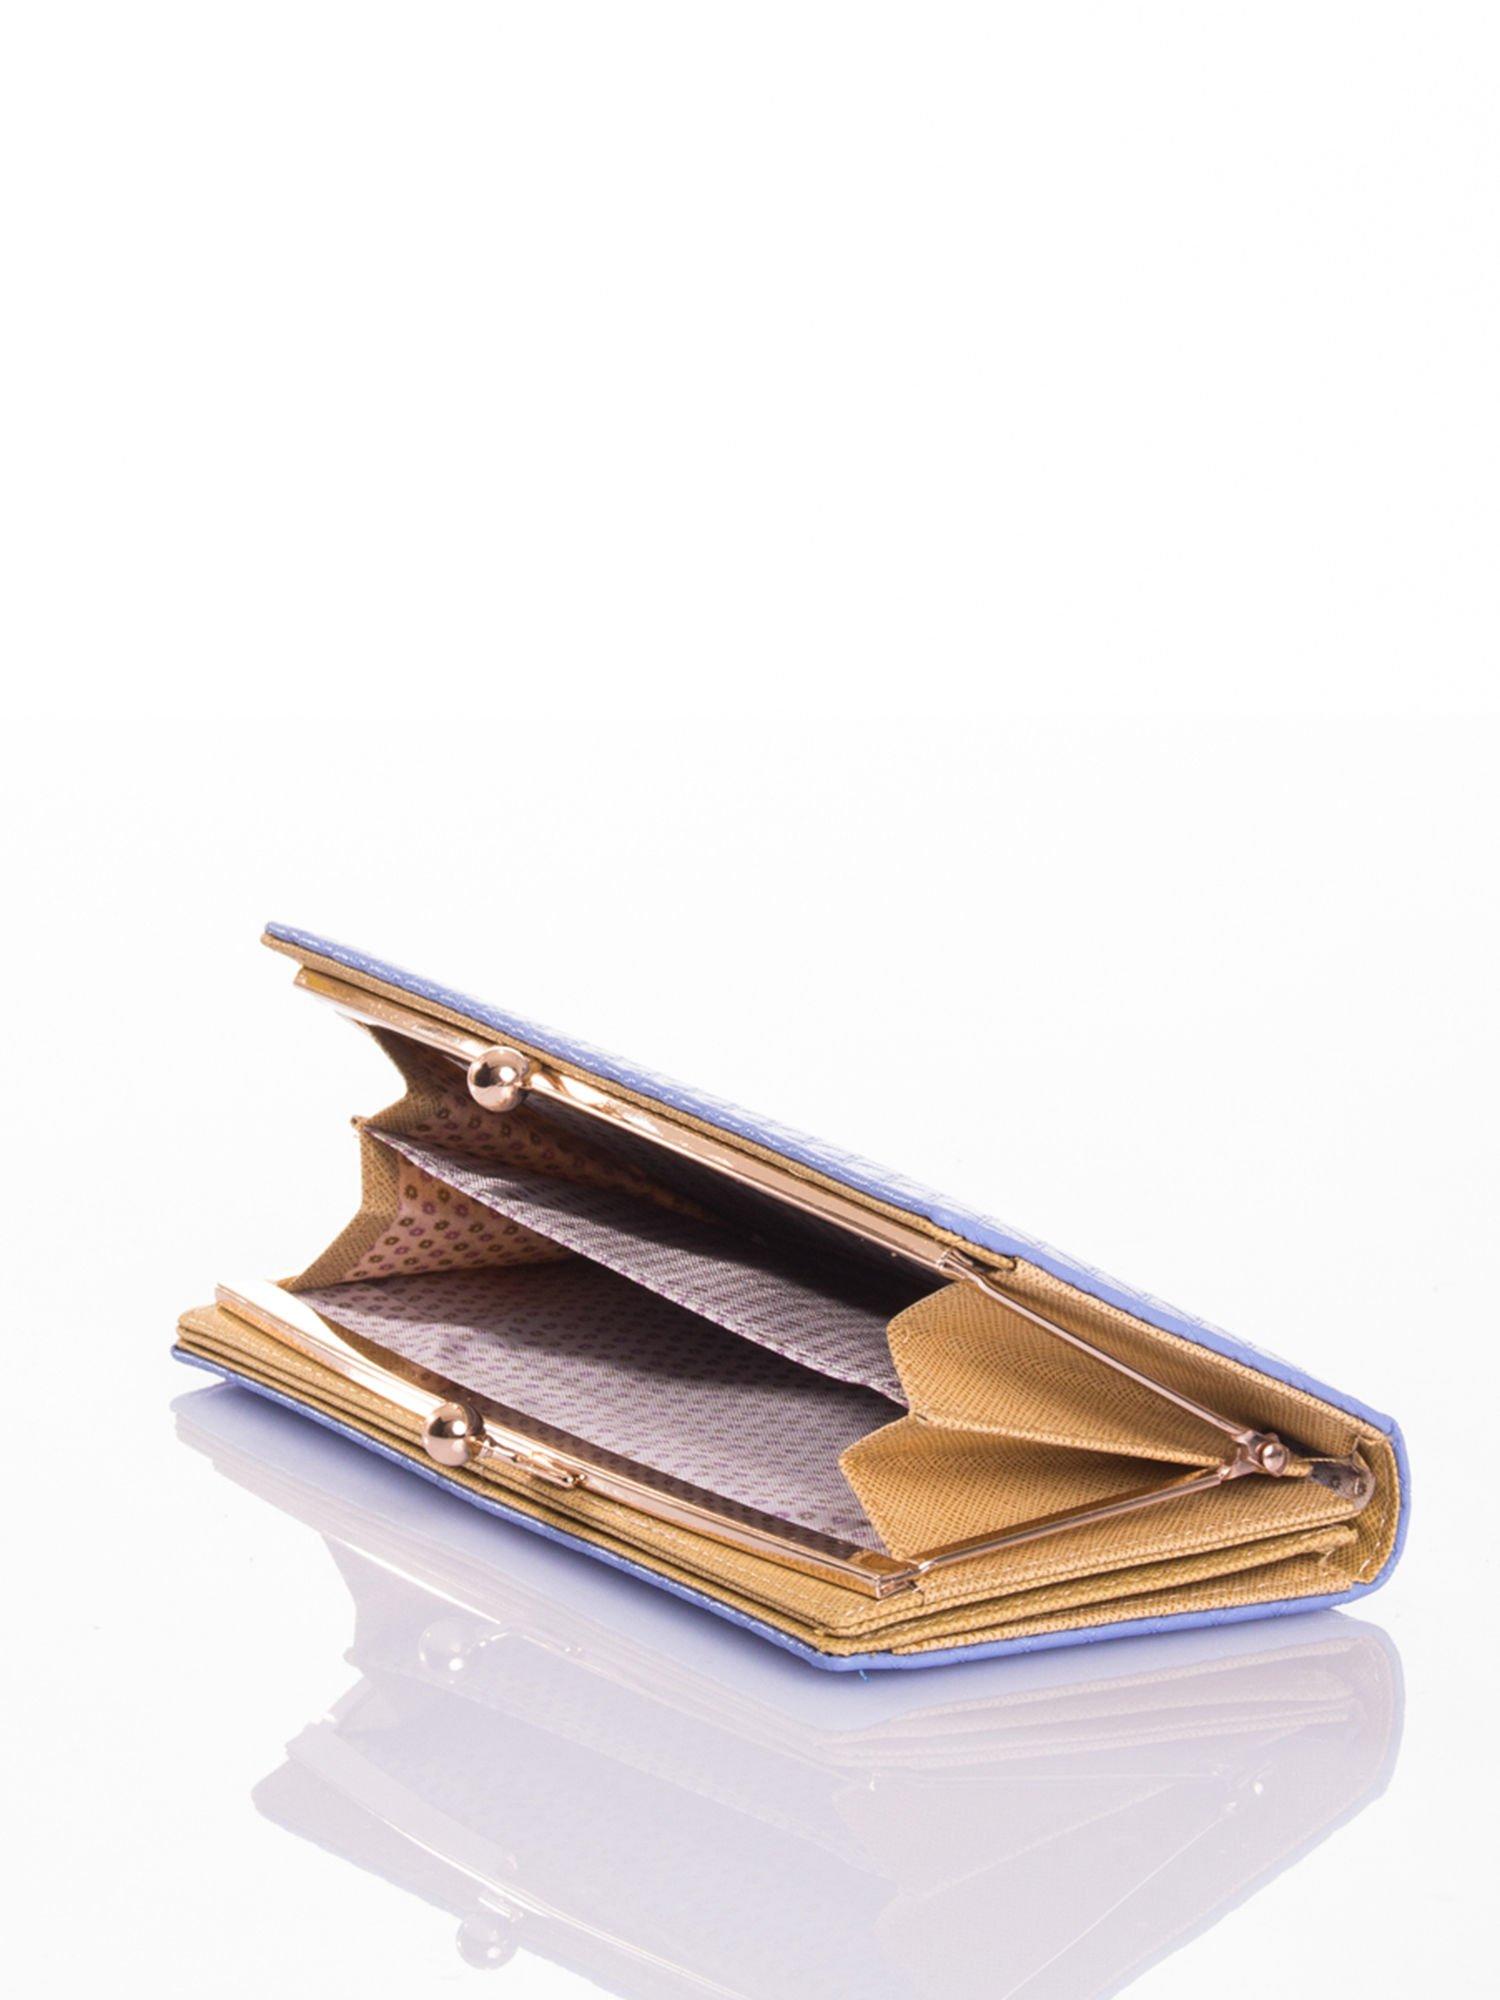 Jasnoniebieski elegancki portfel na bigiel                                  zdj.                                  3